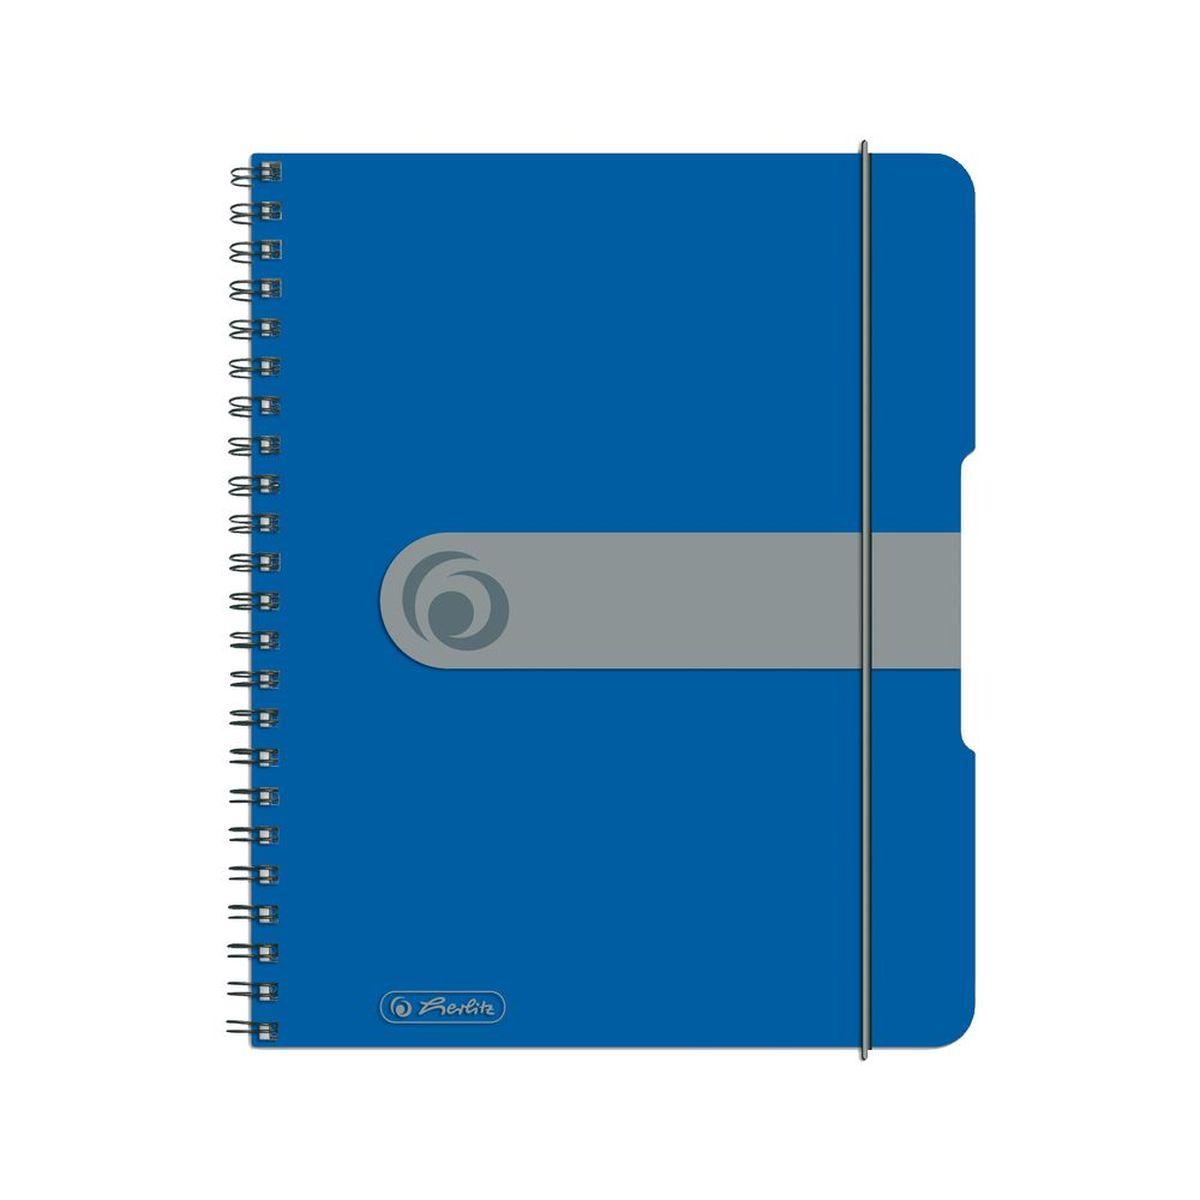 Herlitz Блокнот Easy Orga To Go 80 листов в клетку формат А5 цвет синий72523WDУдобный блокнот от Herlitz Easy Orga To Go - незаменимый атрибут современного человека, необходимый для рабочих или школьных записей.Блокнот содержит 80 листов формата А5 в клетку без полей. Обложка выполнена из качественного полипропилена. Внутренний спиральный блок изготовлен из металла и гарантирует надежное крепление листов. Блокнот имеет закругленные углы и нежный дизайн бордового цвета.Блокнот для записей от Herlitz Easy Orga To Go станет достойным аксессуаром среди ваших канцелярских принадлежностей. Это отличный подарок как коллеге или деловому партнеру, так и близким людям.